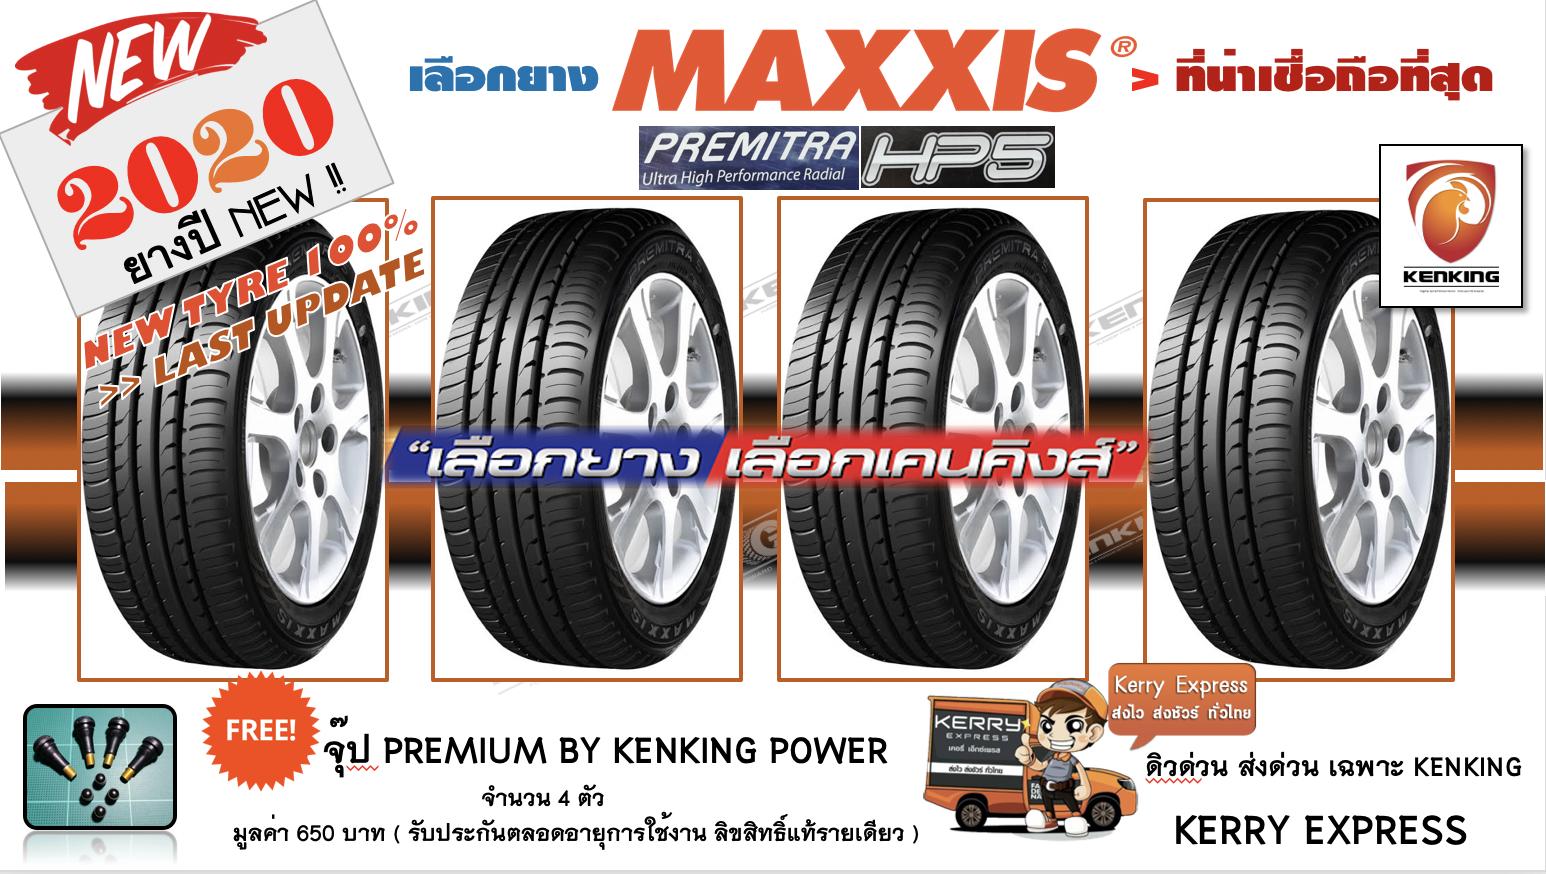 ยางขอบ16 Maxxis 195/50 R16 Premitra Hp5 New Tyre!! 2020✨( 4 เส้น ) ยางรถยนต์ขอบ16 Free !! จุ๊ป Premium By Kenking Power 650 บาท Made In Japan แท้ (ลิขสิทธิ์แท้รายเดียว)✔.